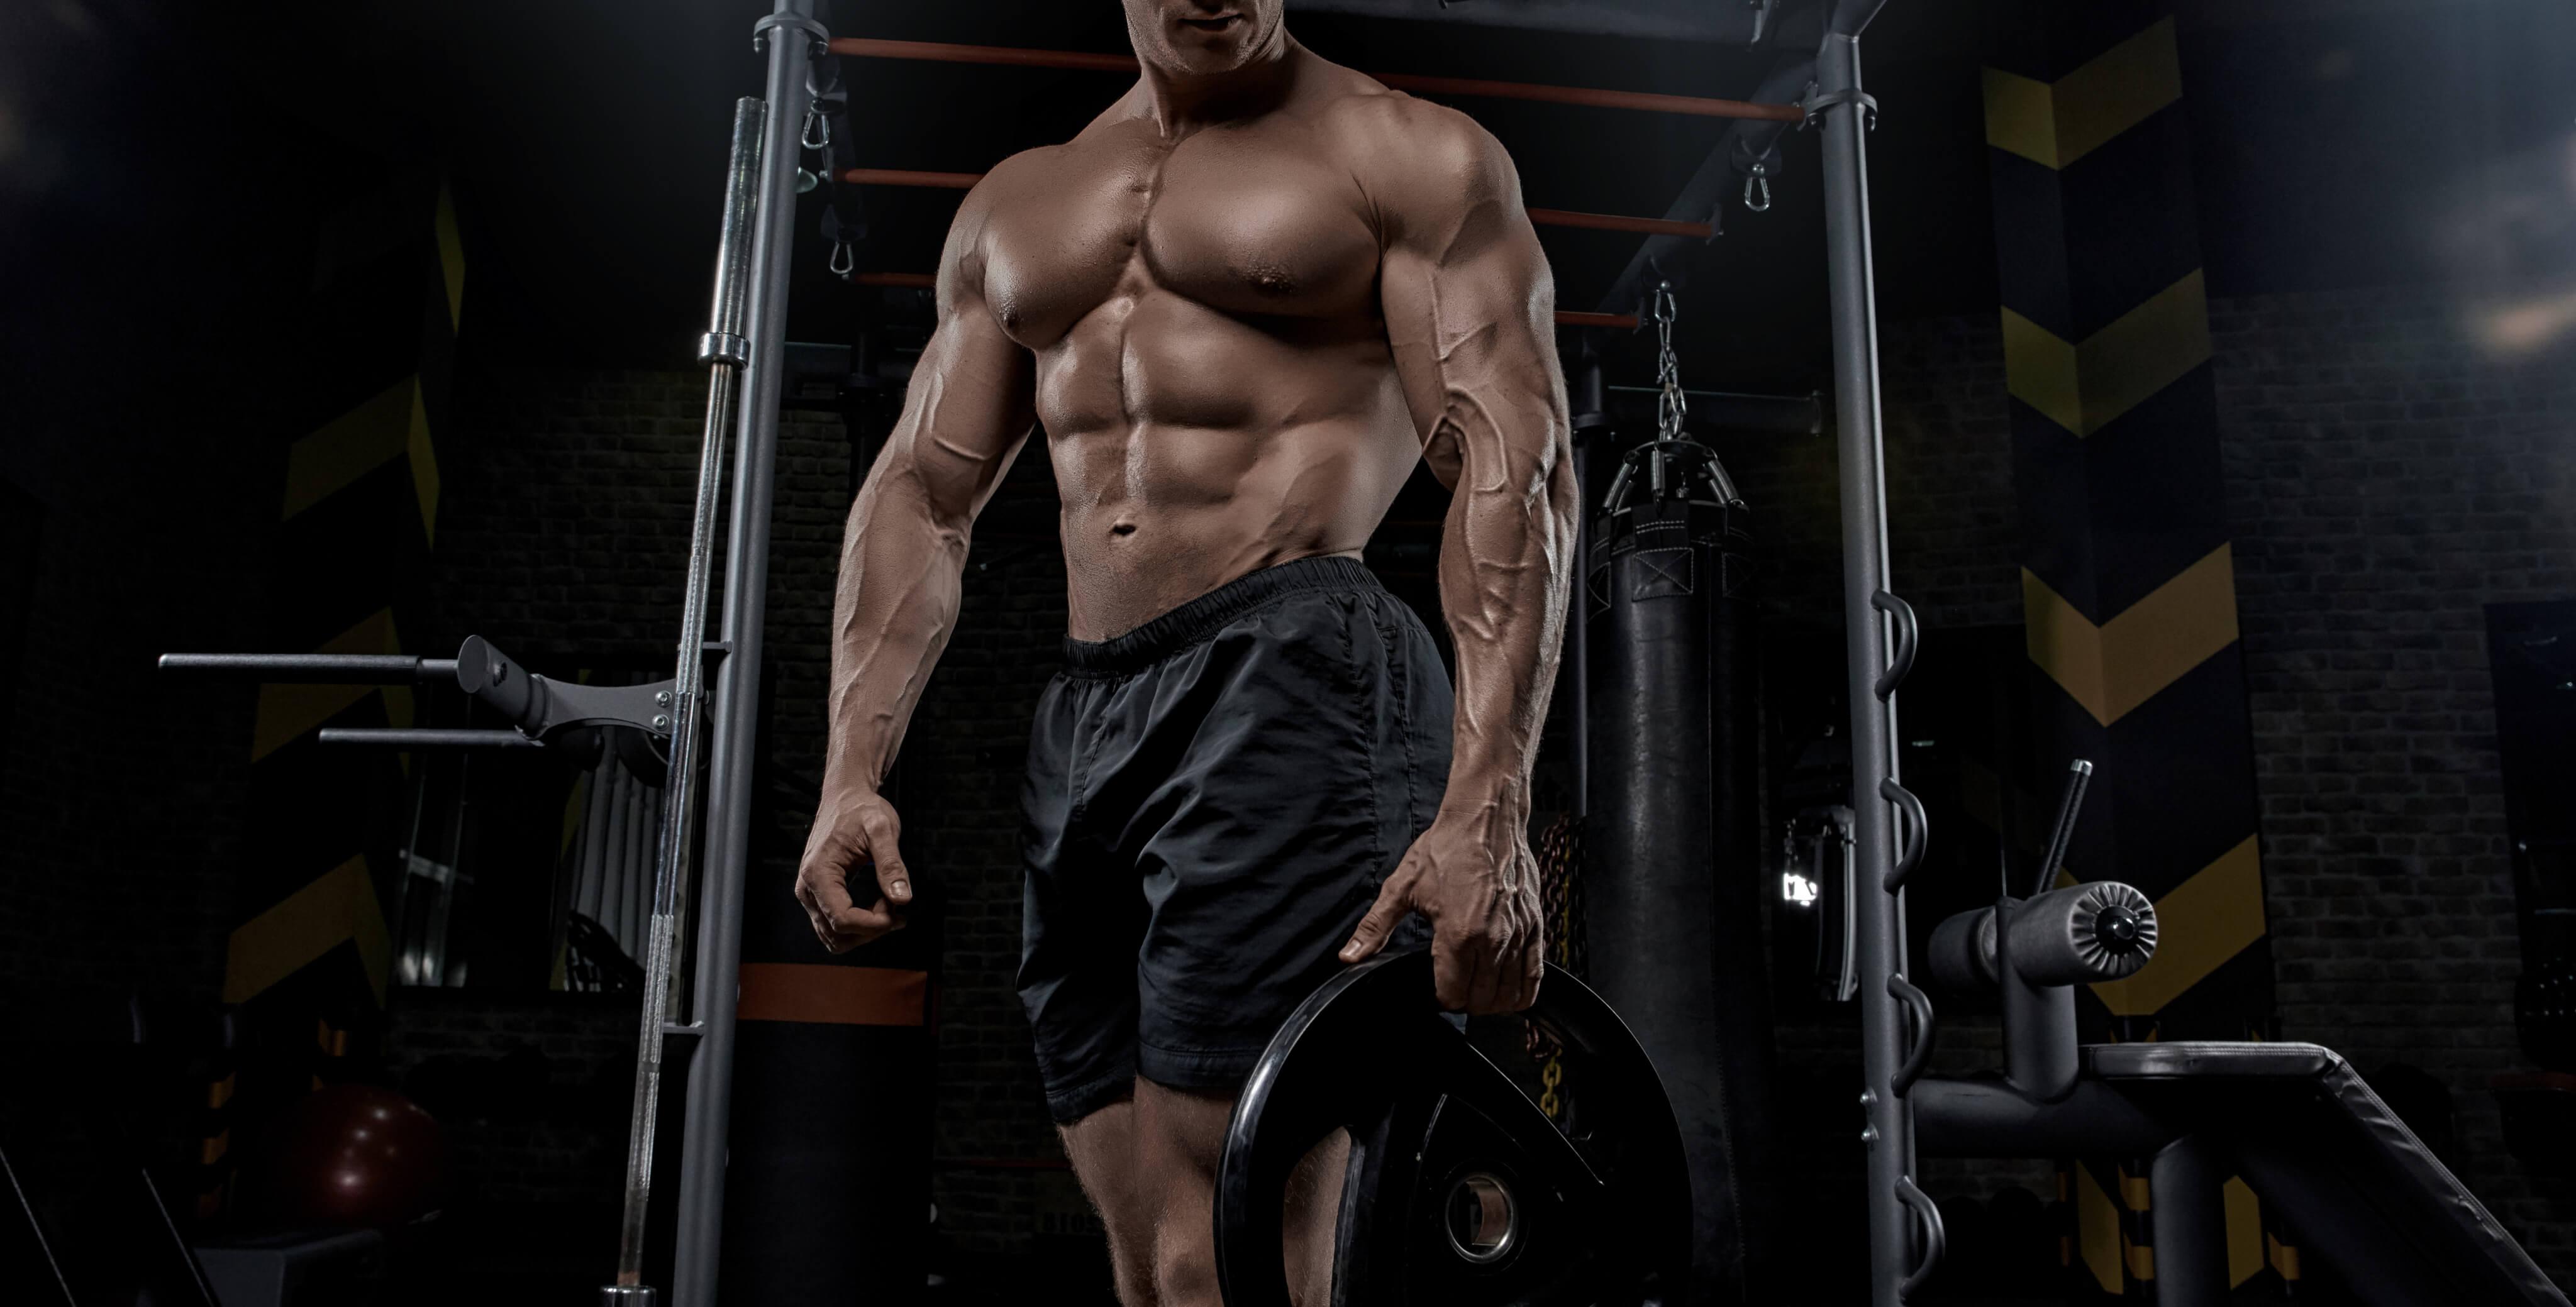 Muskulös man styrketränar på gymmet.